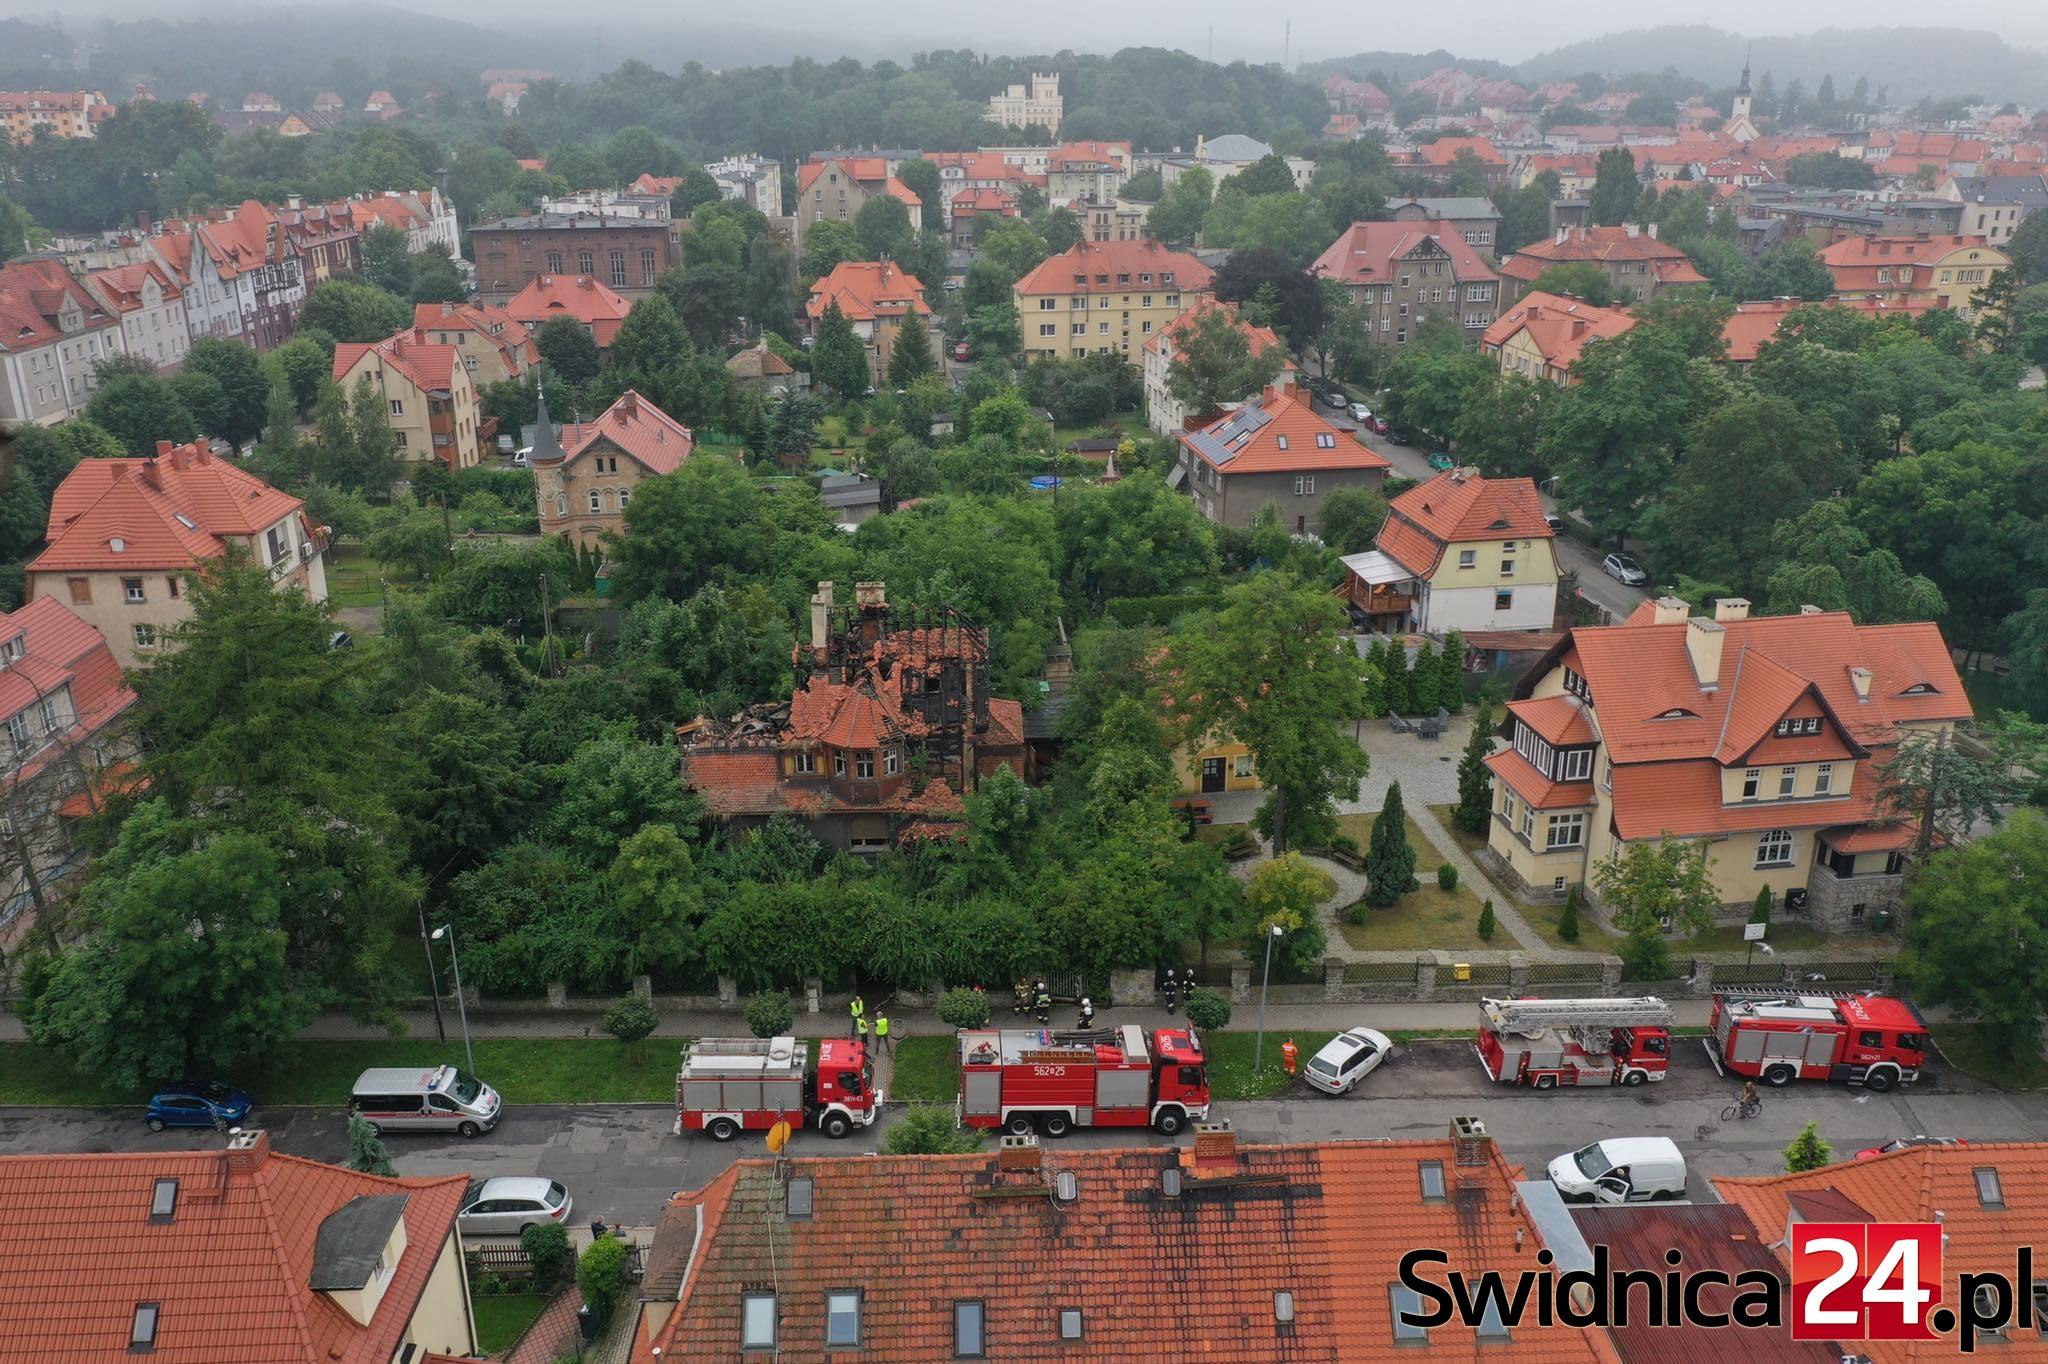 dolny śląsk - katastrofa budowlana 3